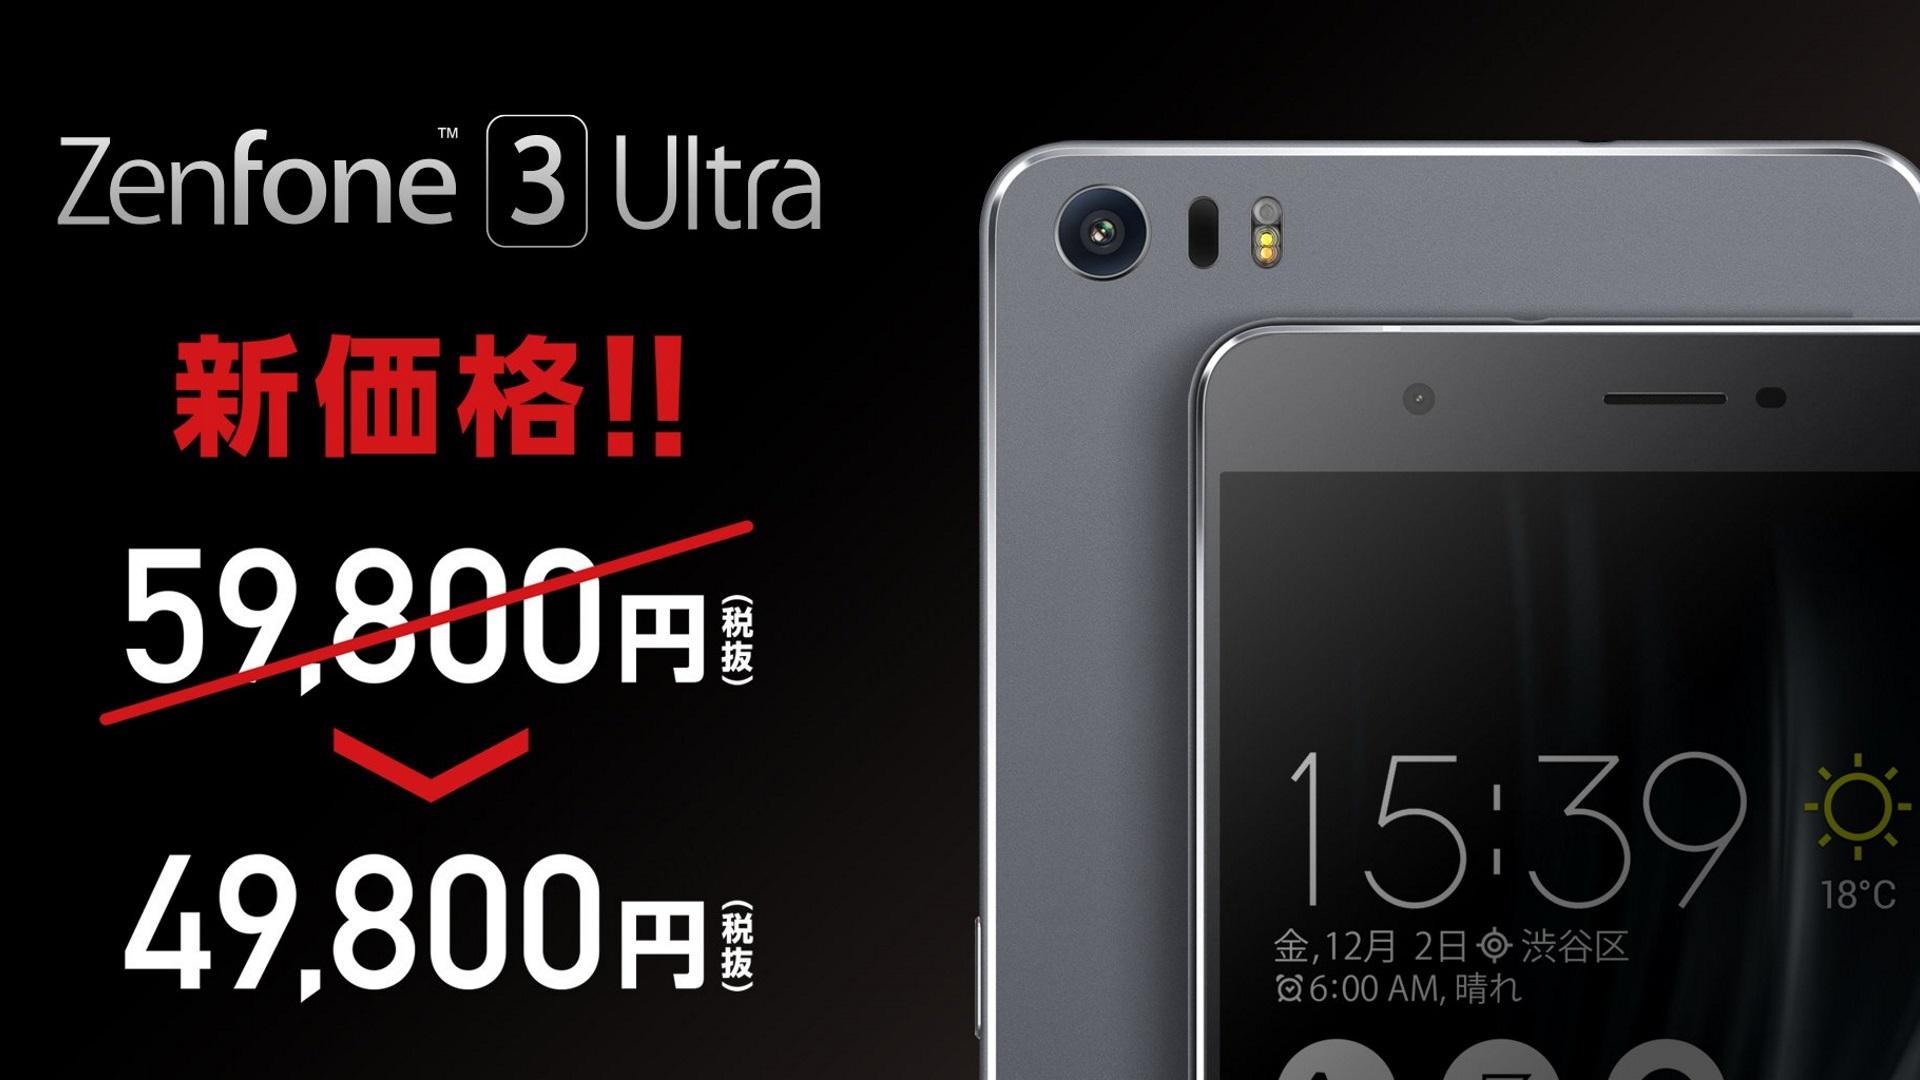 「ZenFone 3 Ultra(ZU680KL)」10,000円も値下がり